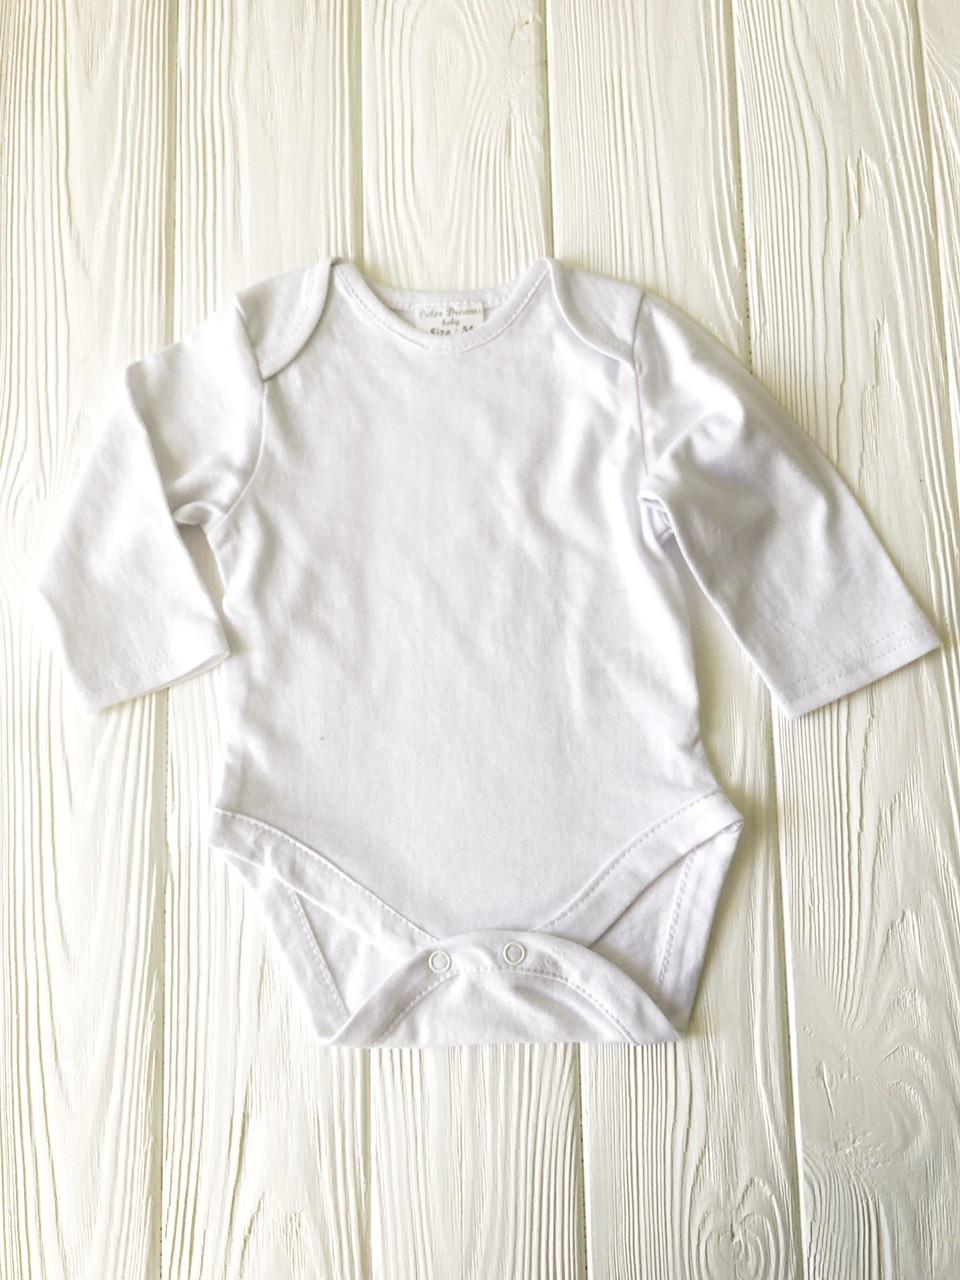 Боди детский с длинным рукавом рукавом 56-92р. Белый